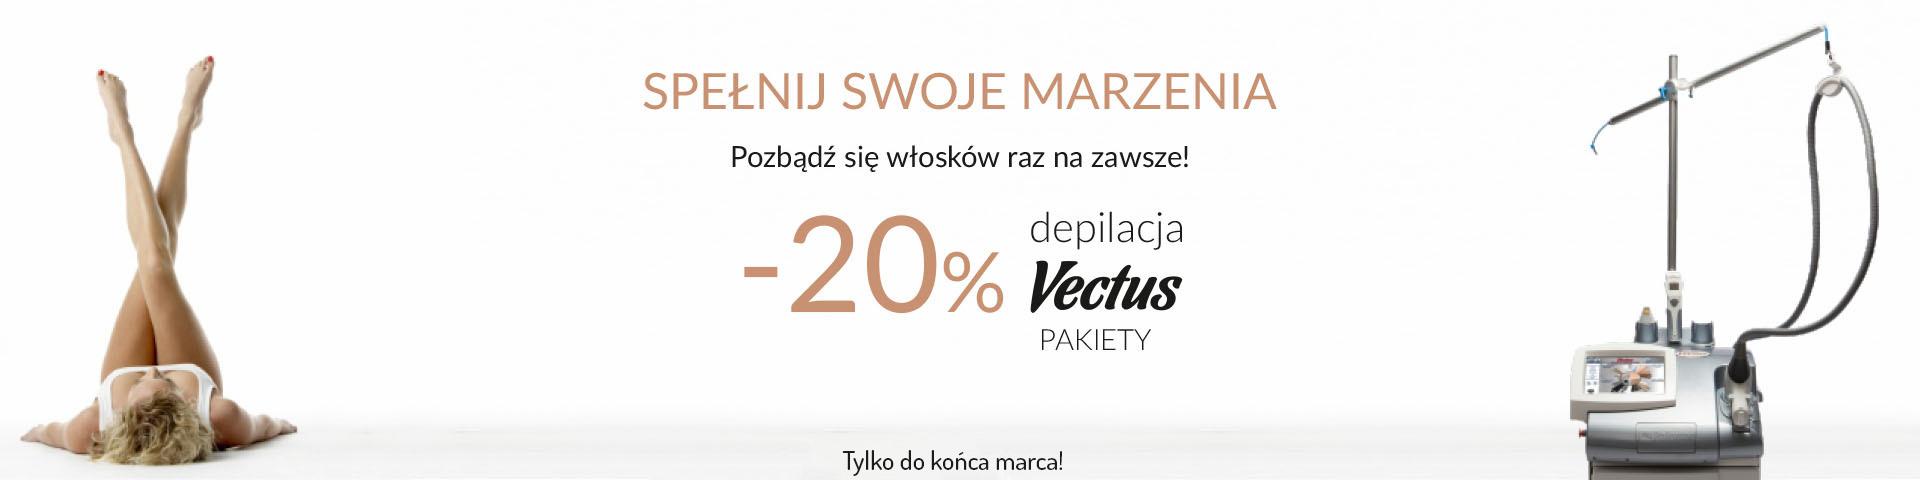 Promocja na zabiegi depilacji laserowej Vectus - 20%